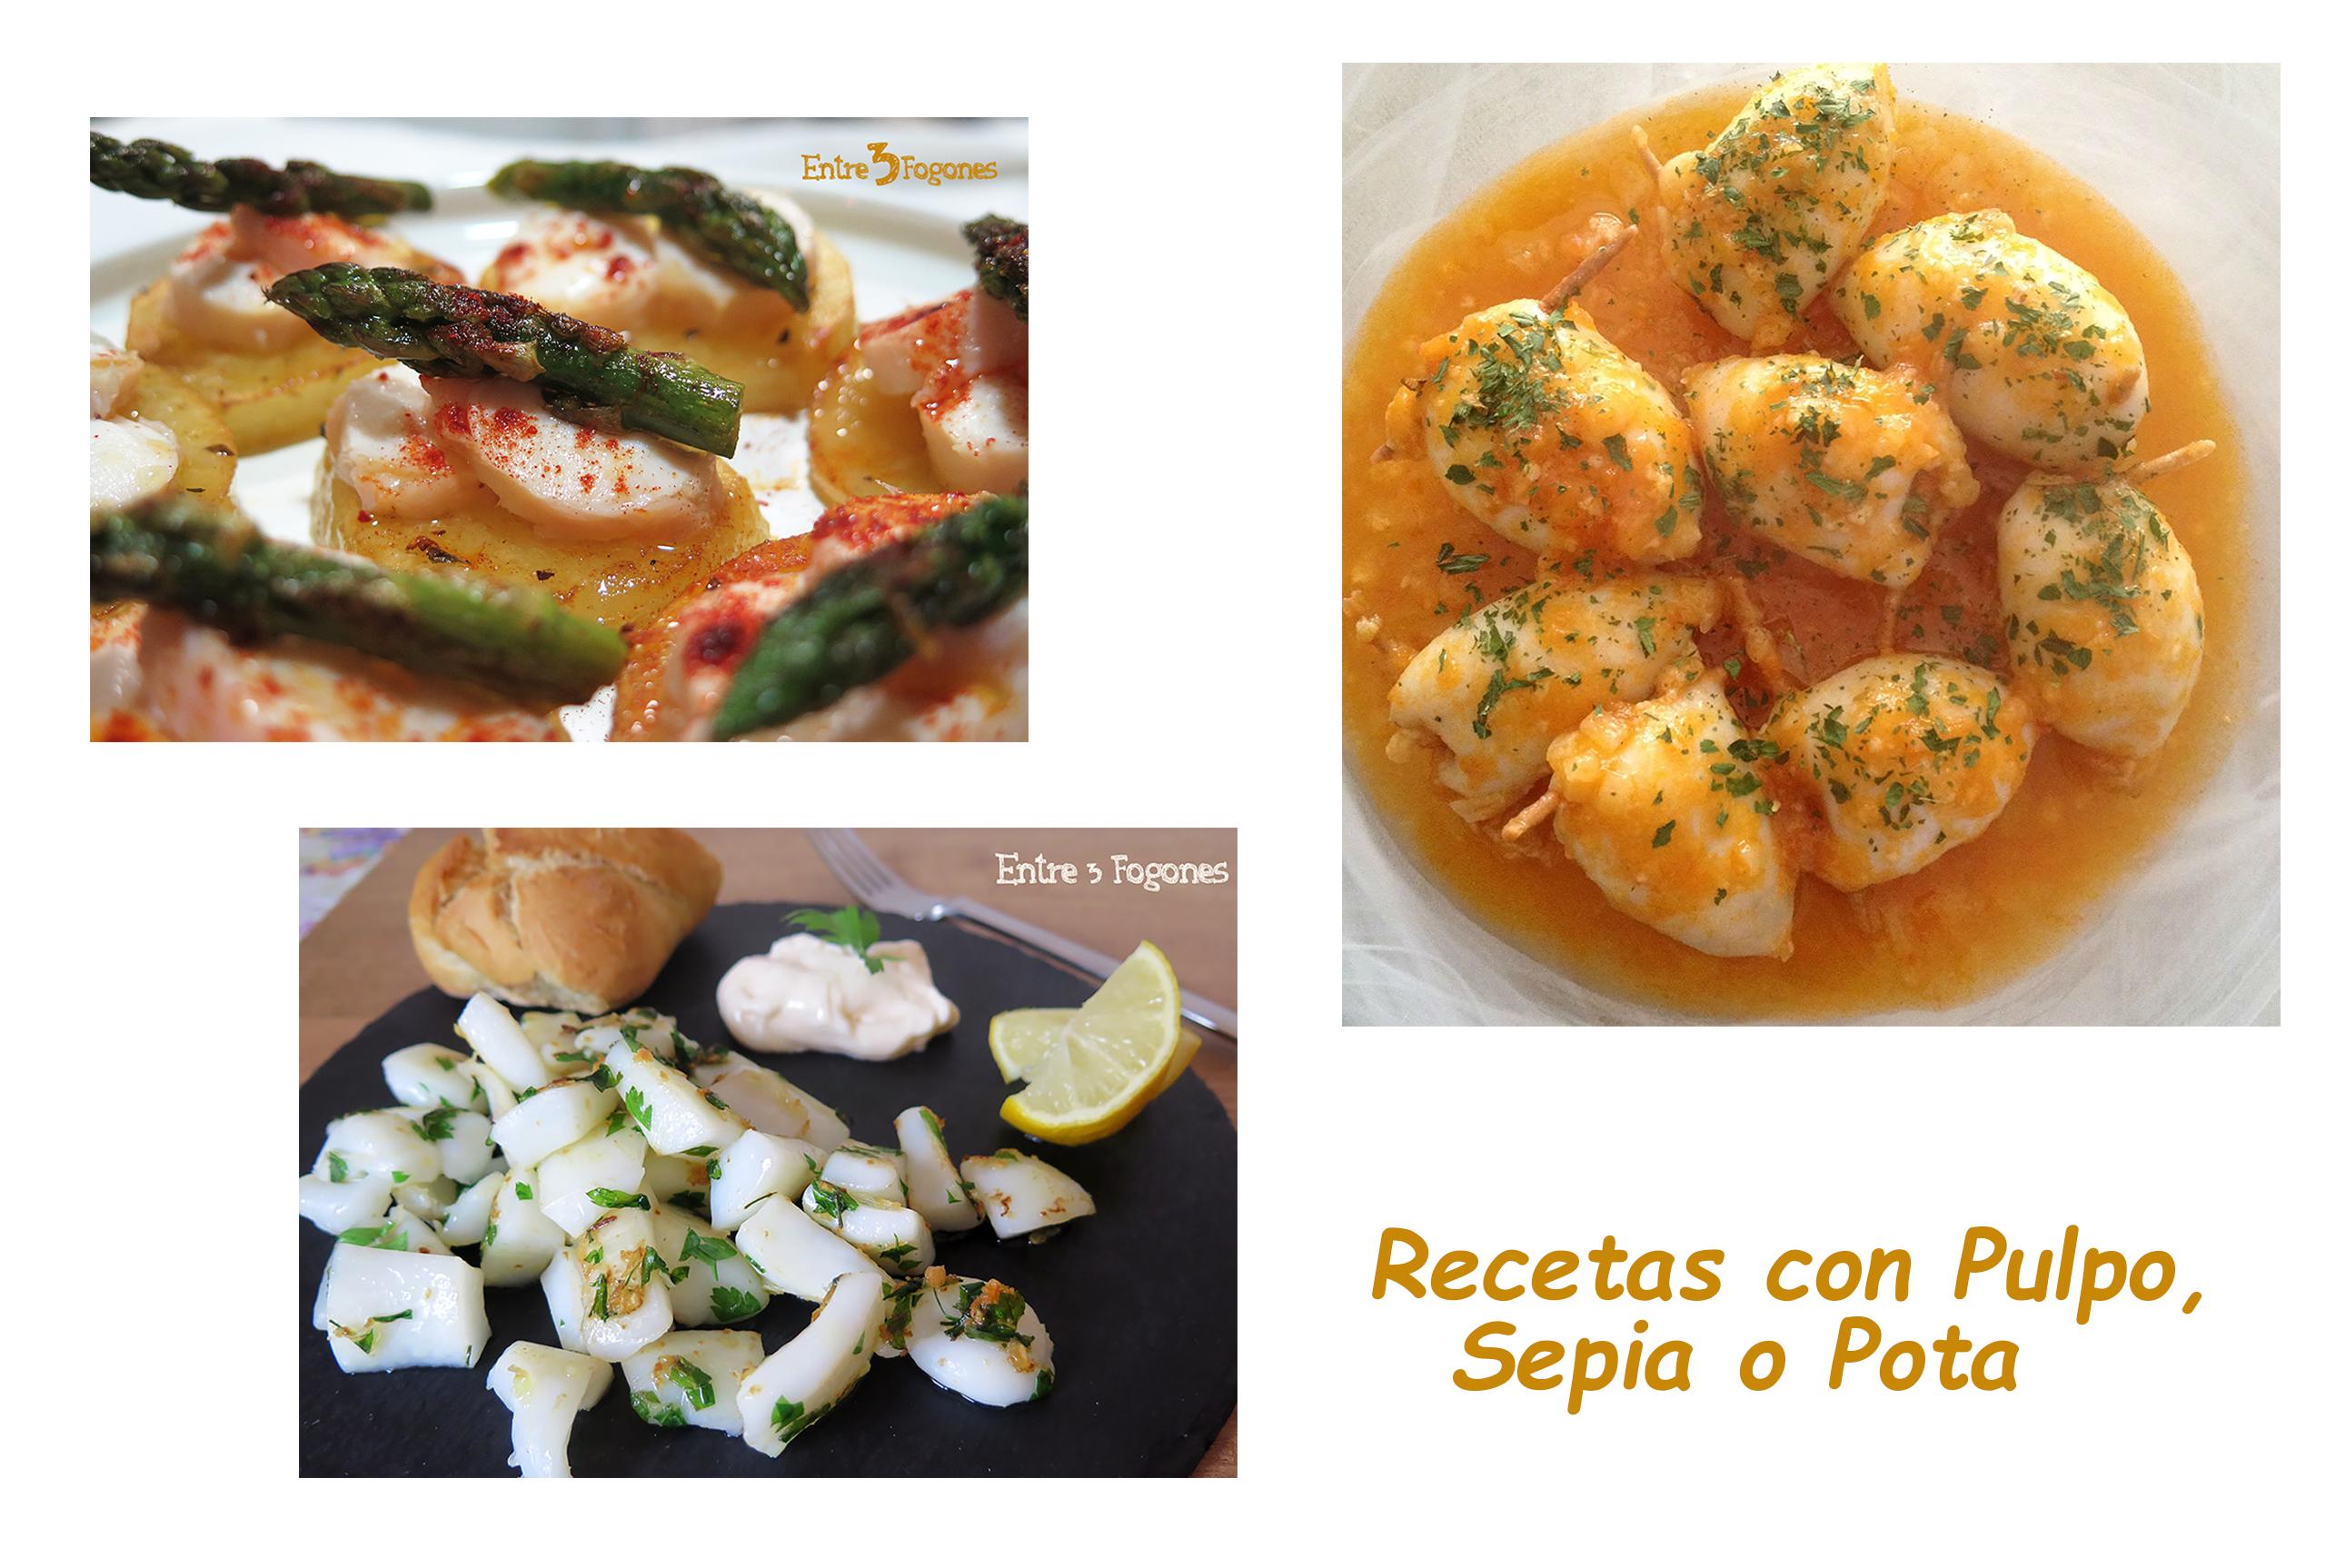 Photo of Recetas con Sepia, Pulpo o Pota. Las Mejores para el Verano con la Sirena